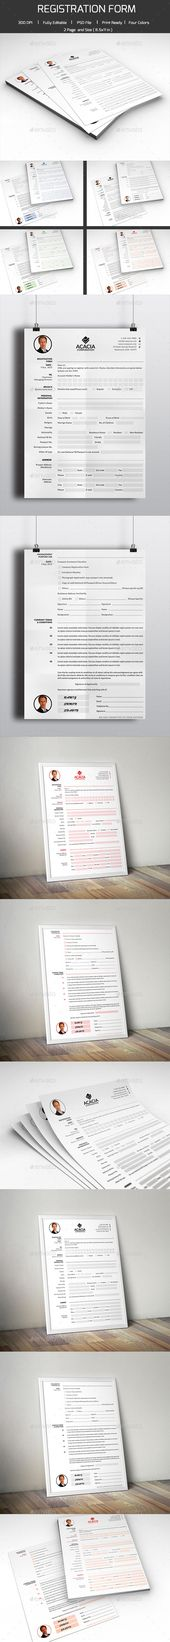 Registration Form Template Registration form, Print templates - registration form